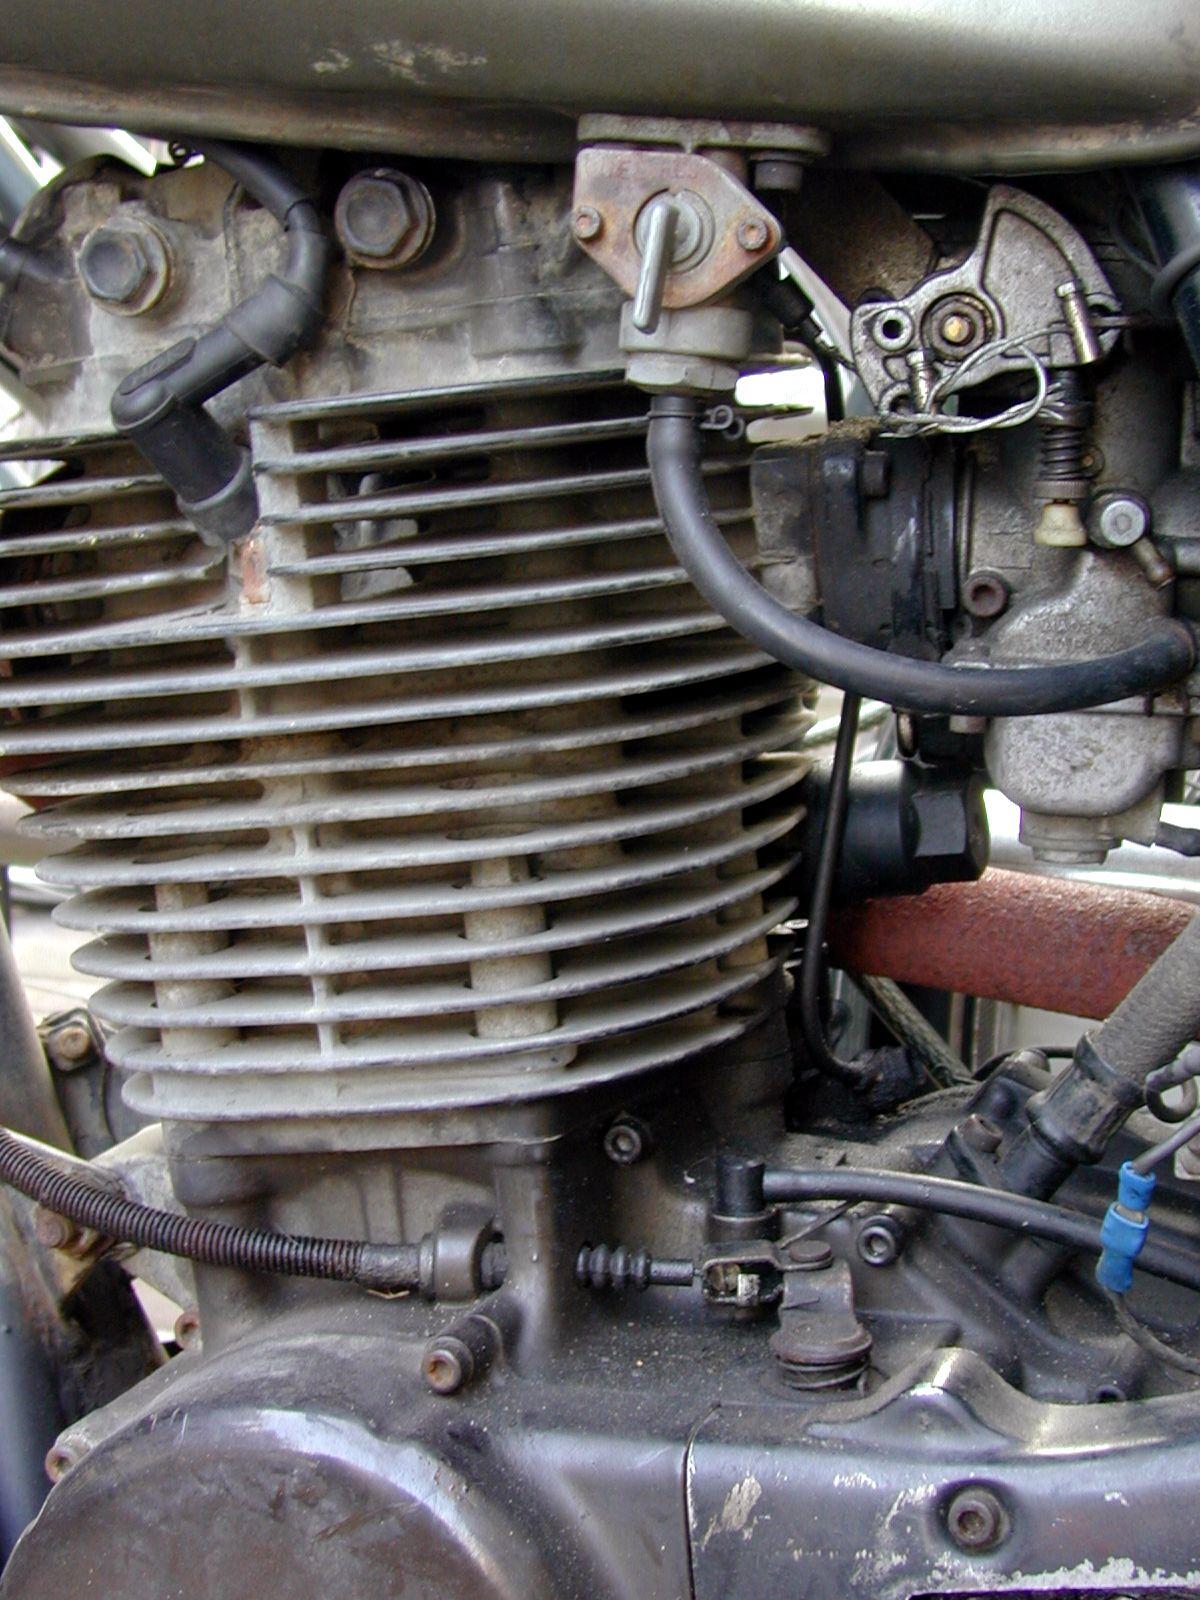 engine motor bike mechanical parts metal steel wires